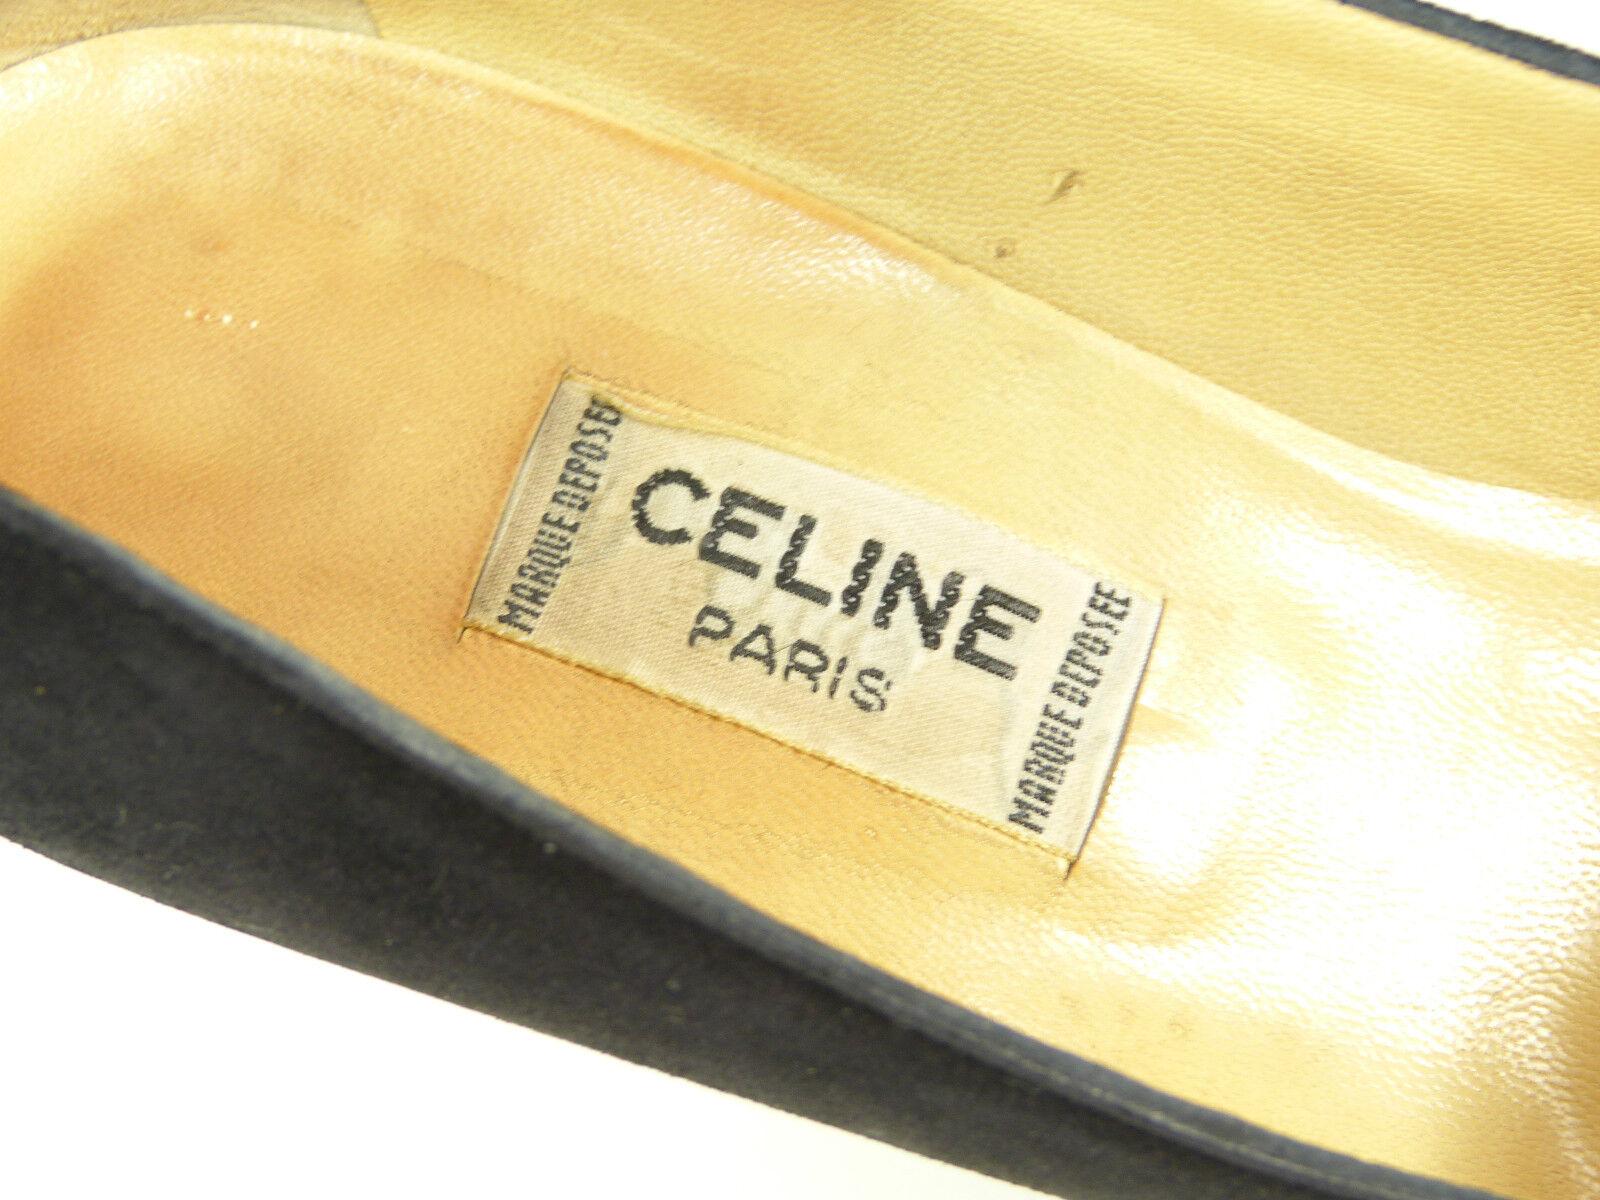 Celine Paris negro de salón talla 38,5 negro Paris & lujo pur-con bucle (K 6792) 5bb9b3